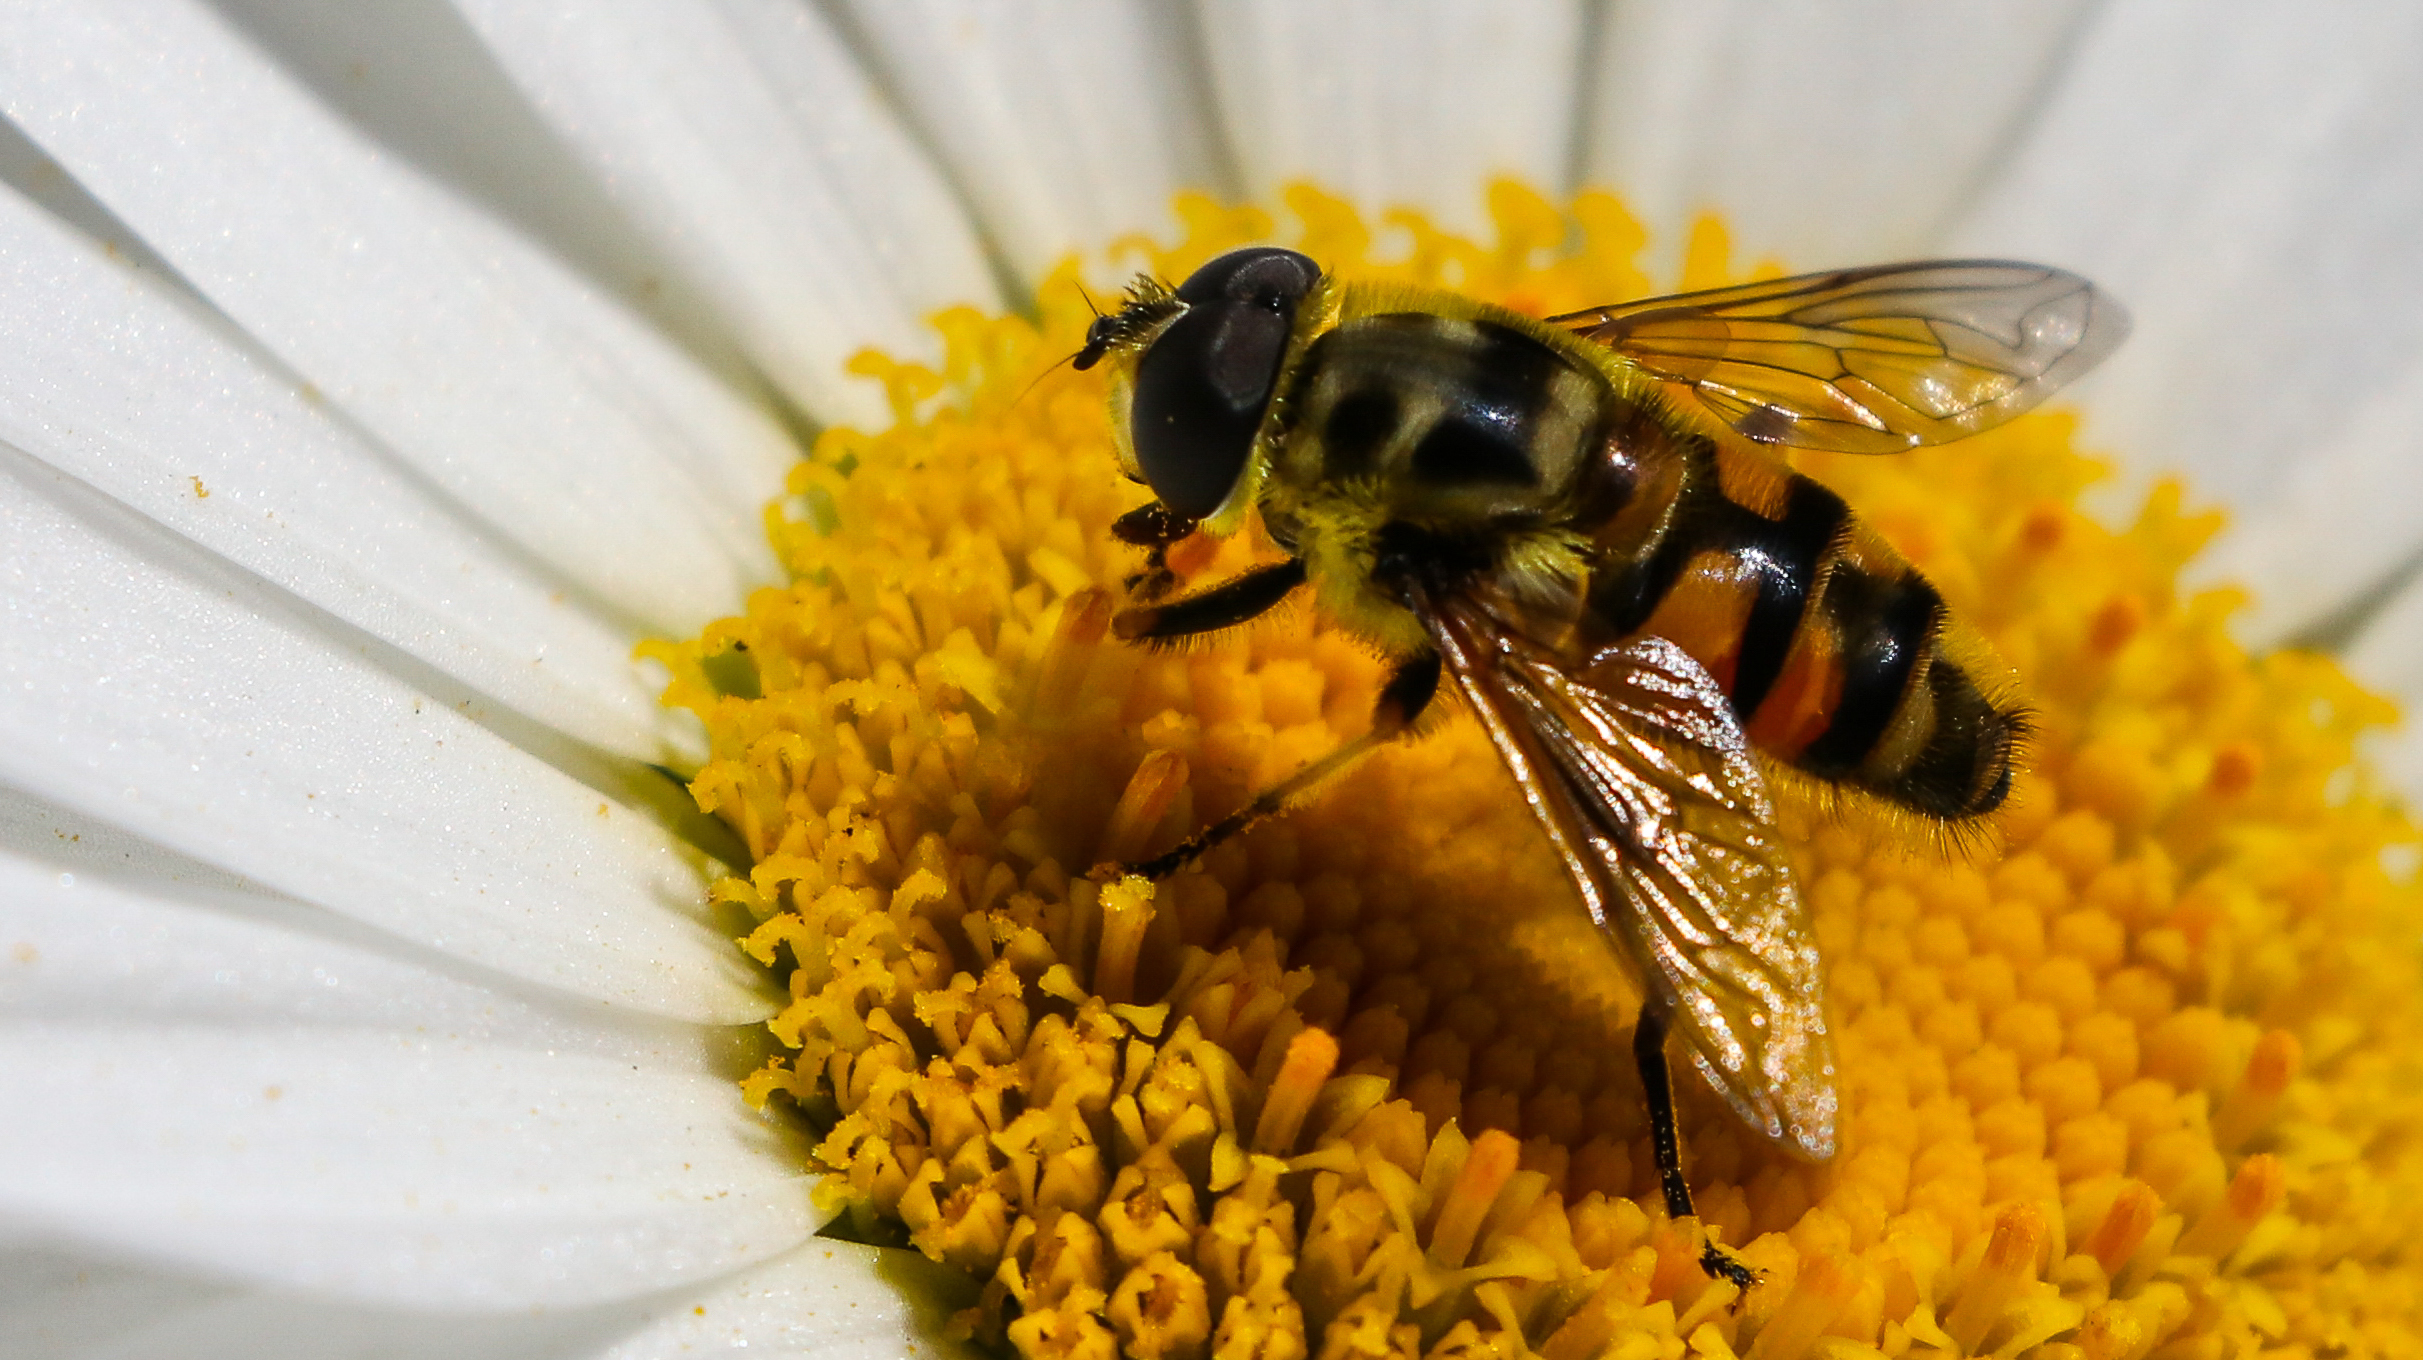 Bee on a flower 03 - Copy.jpg